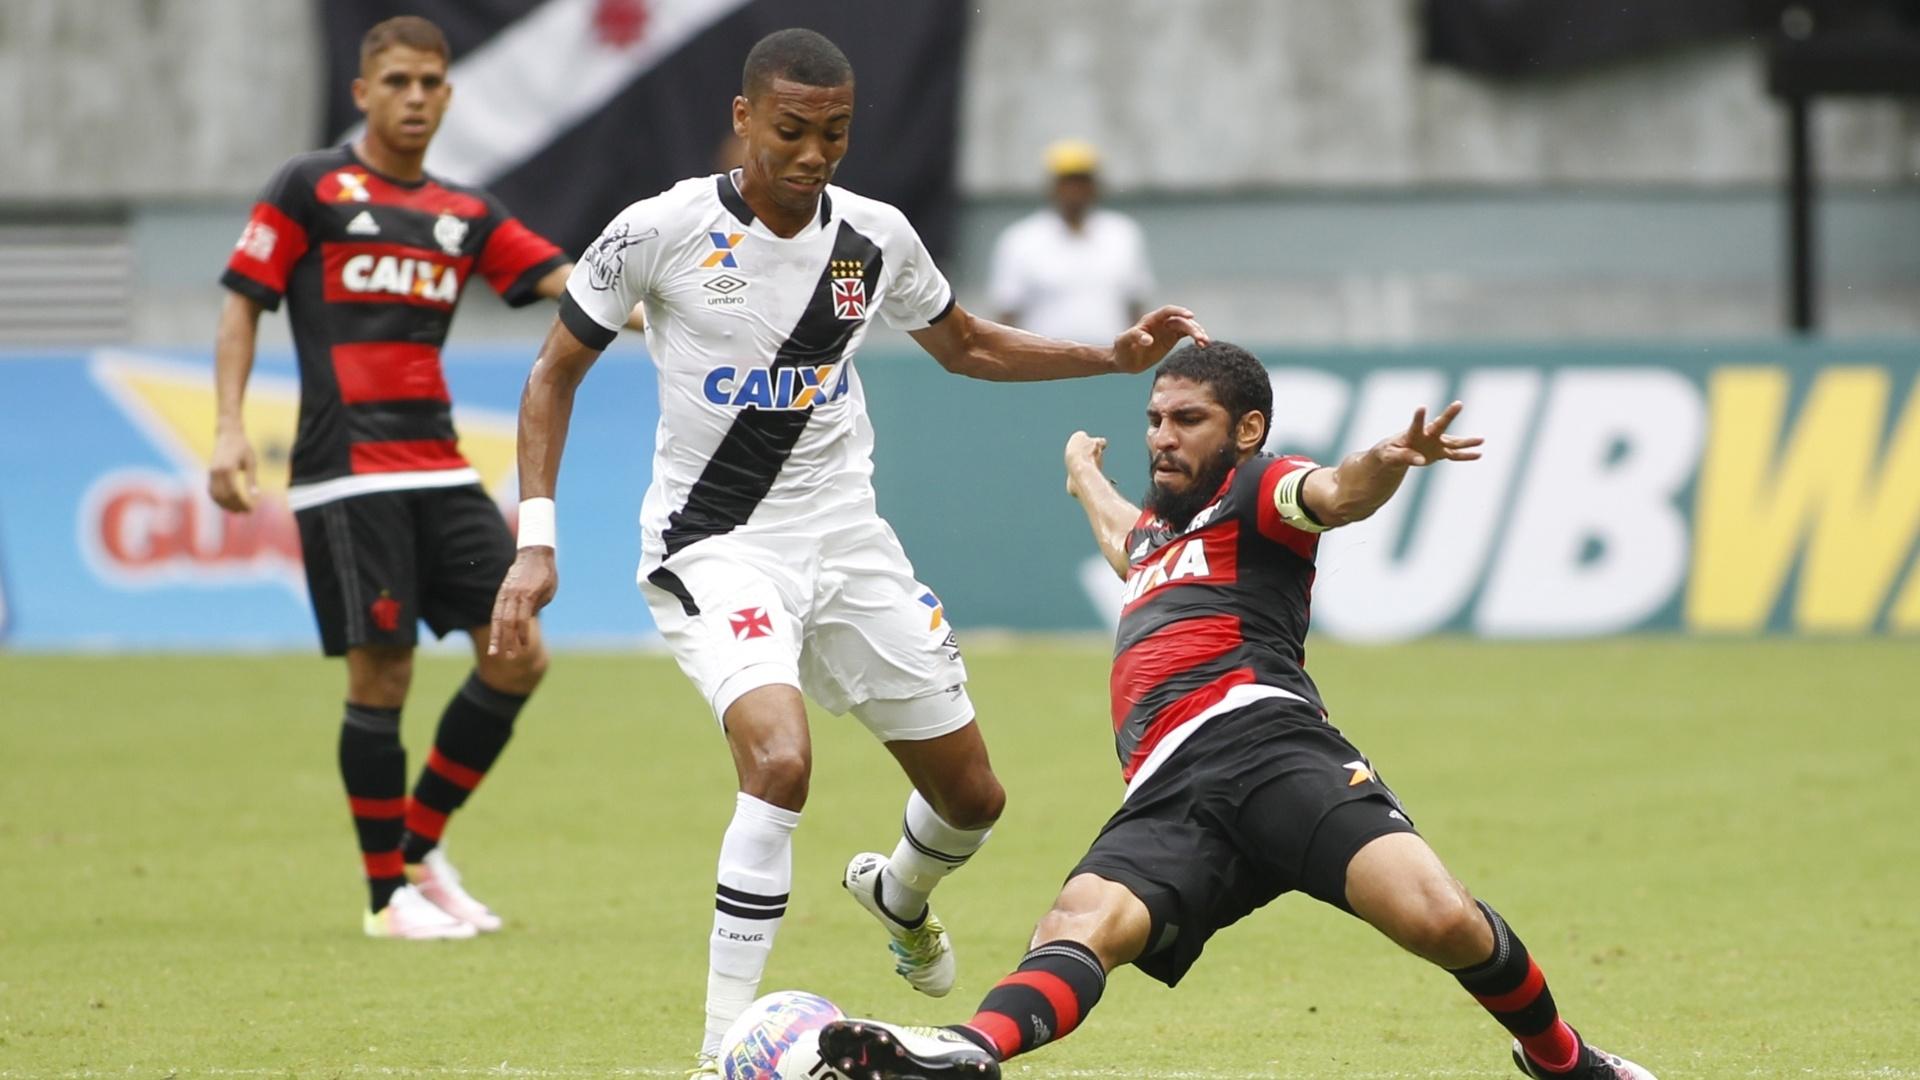 Wallace tenta impedir o ataque do Vasco na eliminação do Flamengo no Carioca